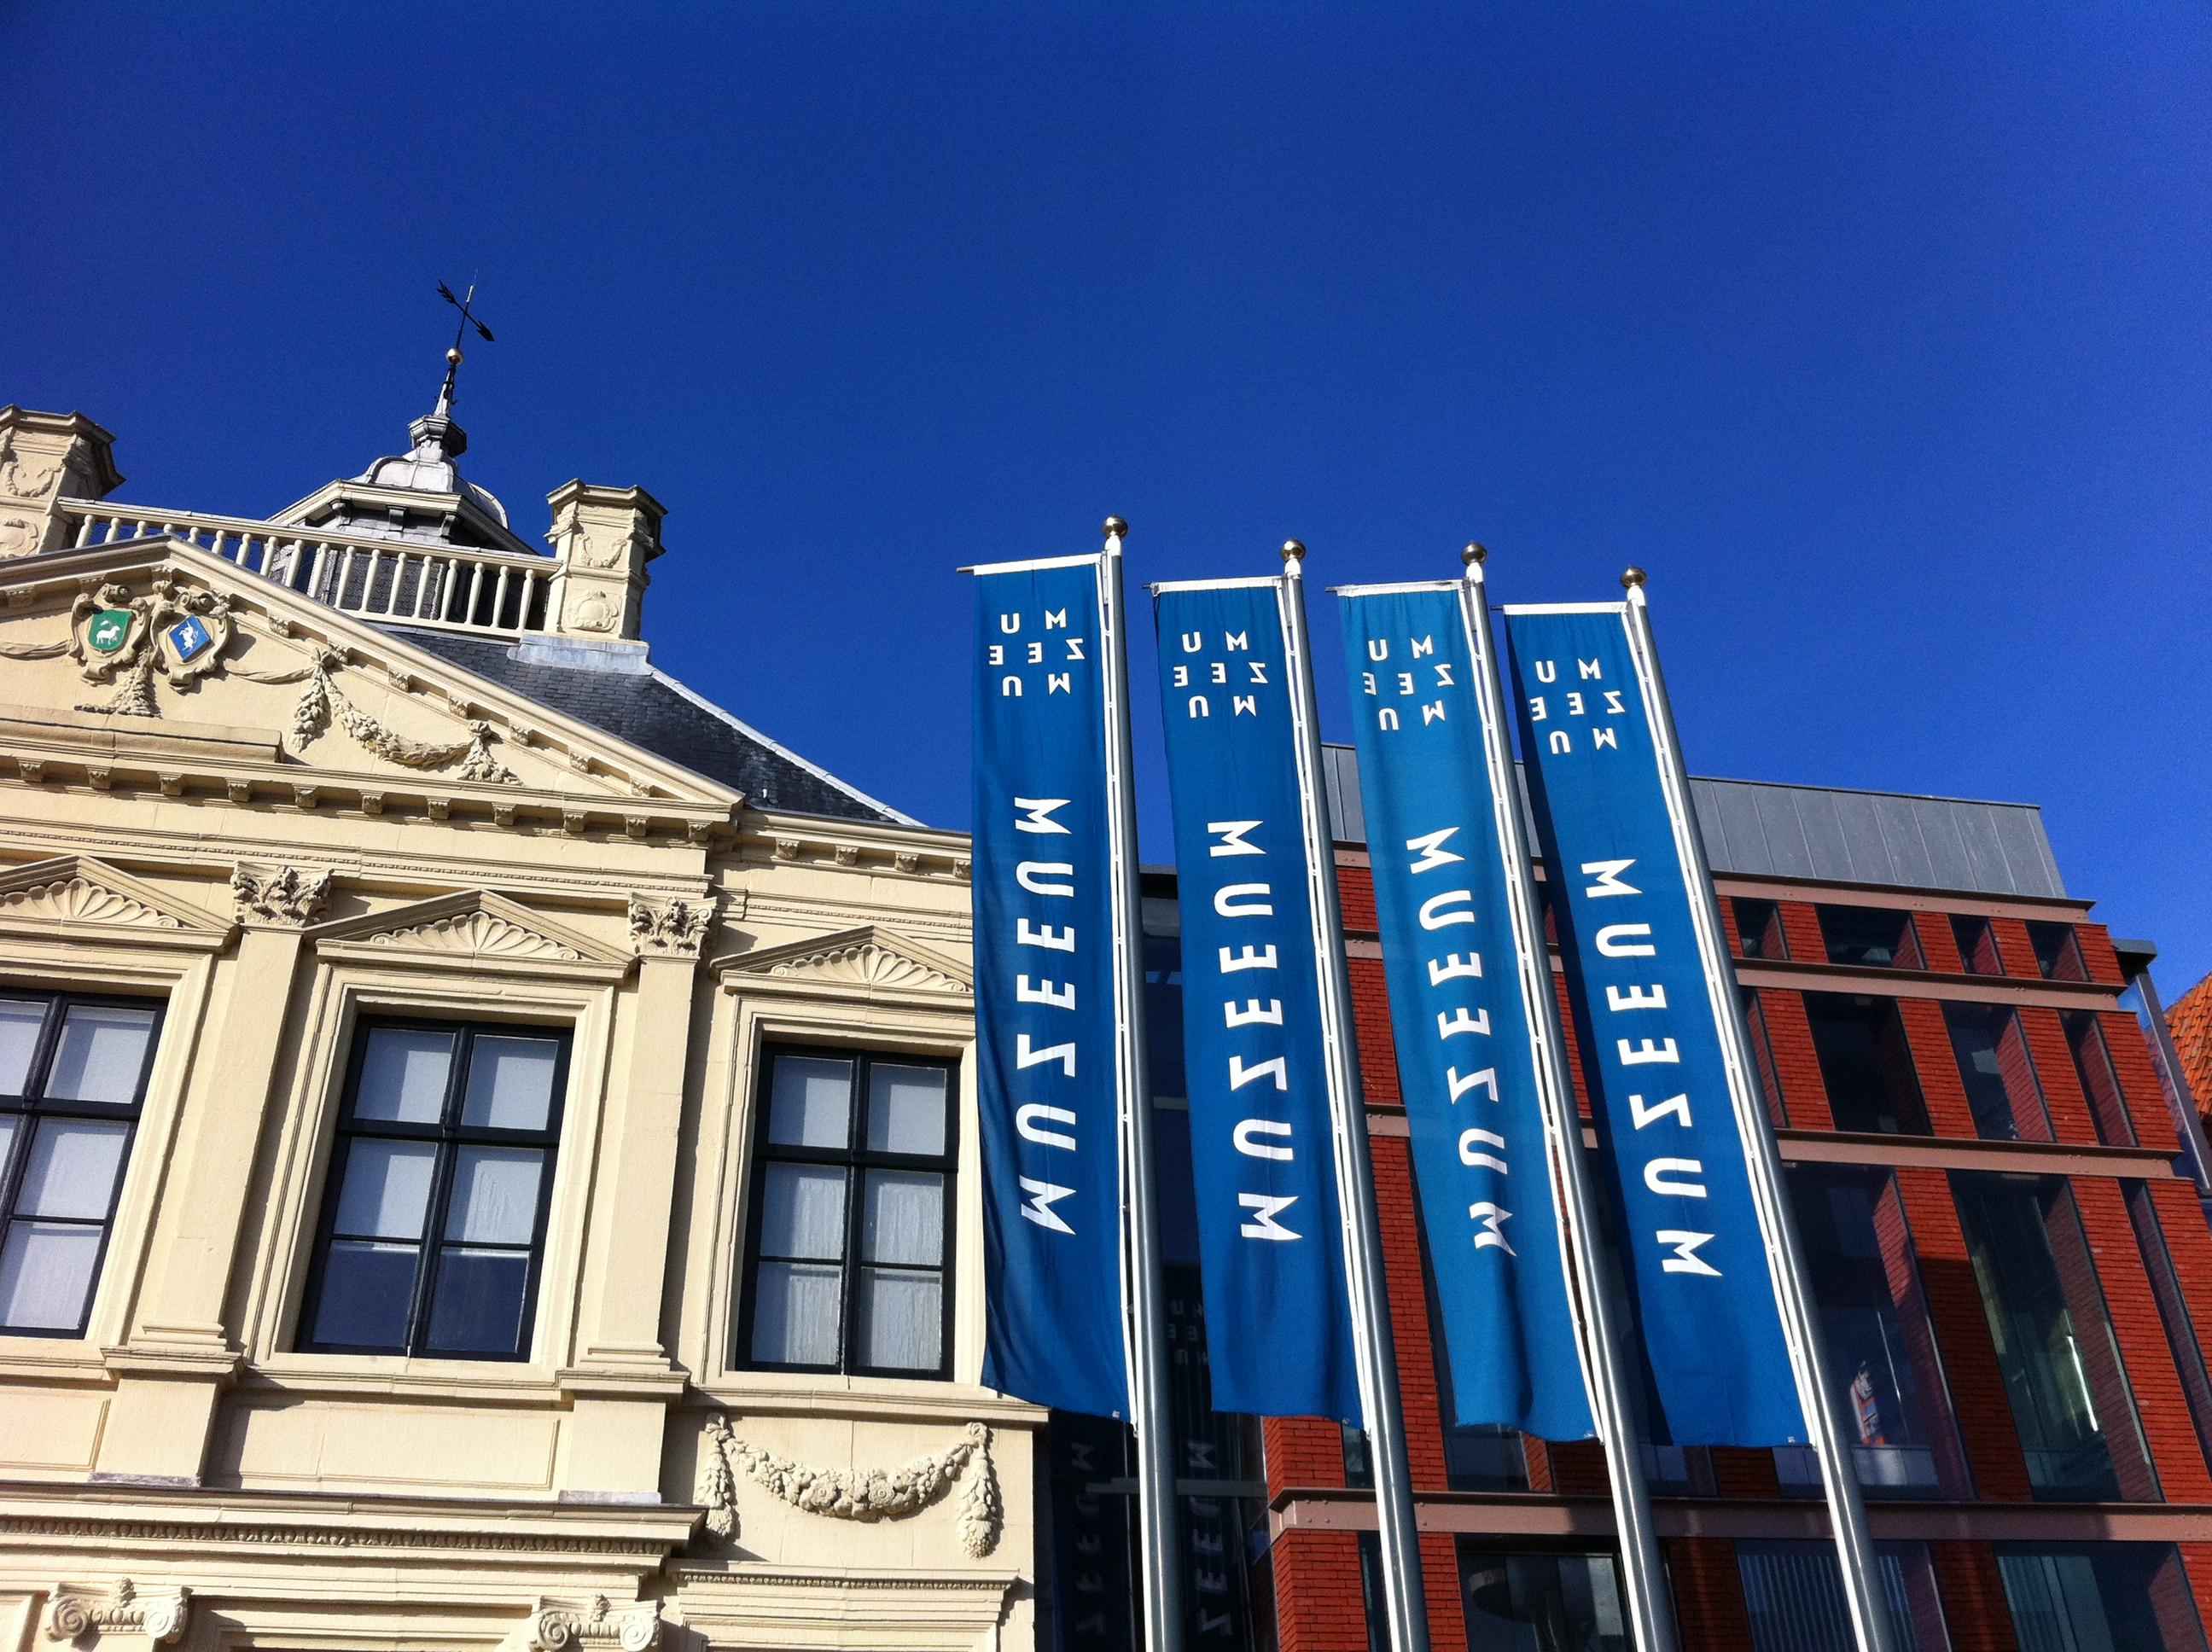 De gevel van een statig cremekleurig gebouw naast een donkerrood modern bakstenen gebouw. Voor de gebouwen 4 vlaggenmasten met blauwe banners met daarop in witte letters de naam van het museum MuZEEum